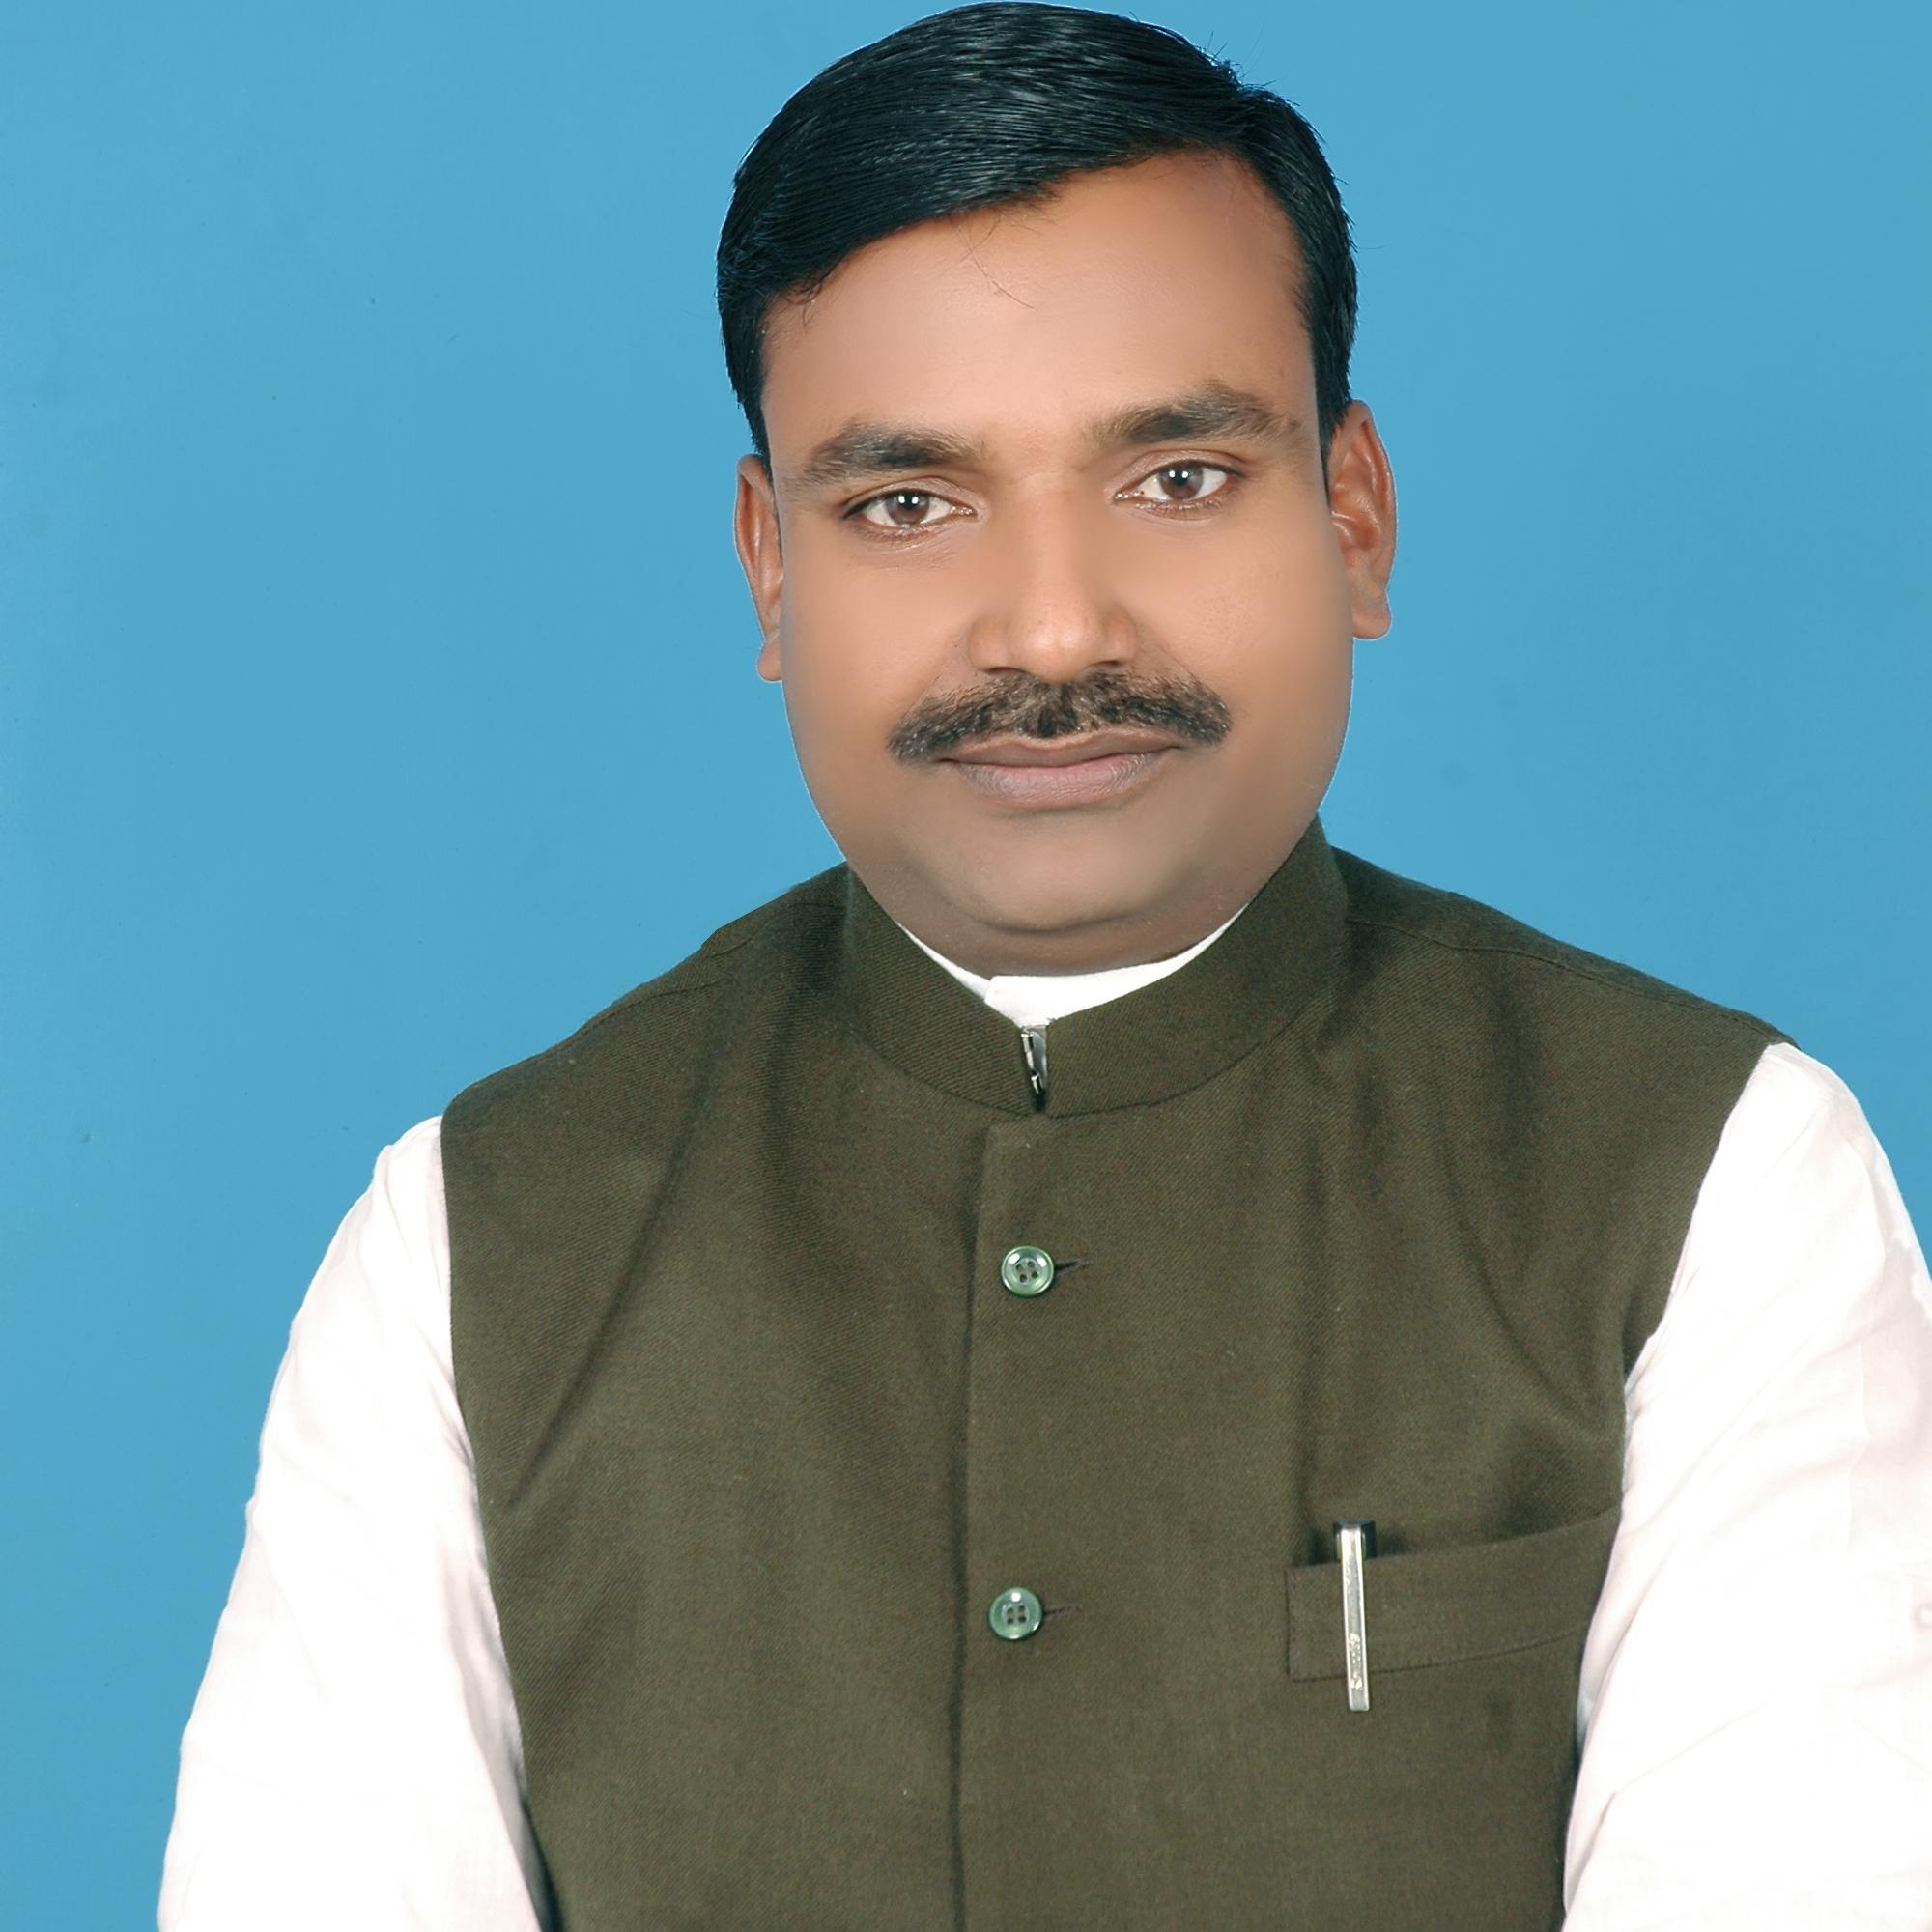 बिहार: जदयू के संतोष कुशवाहा ने भी छोड़ी पार्टी, अब कई और भी छोड़ सकते हैं पार्टी